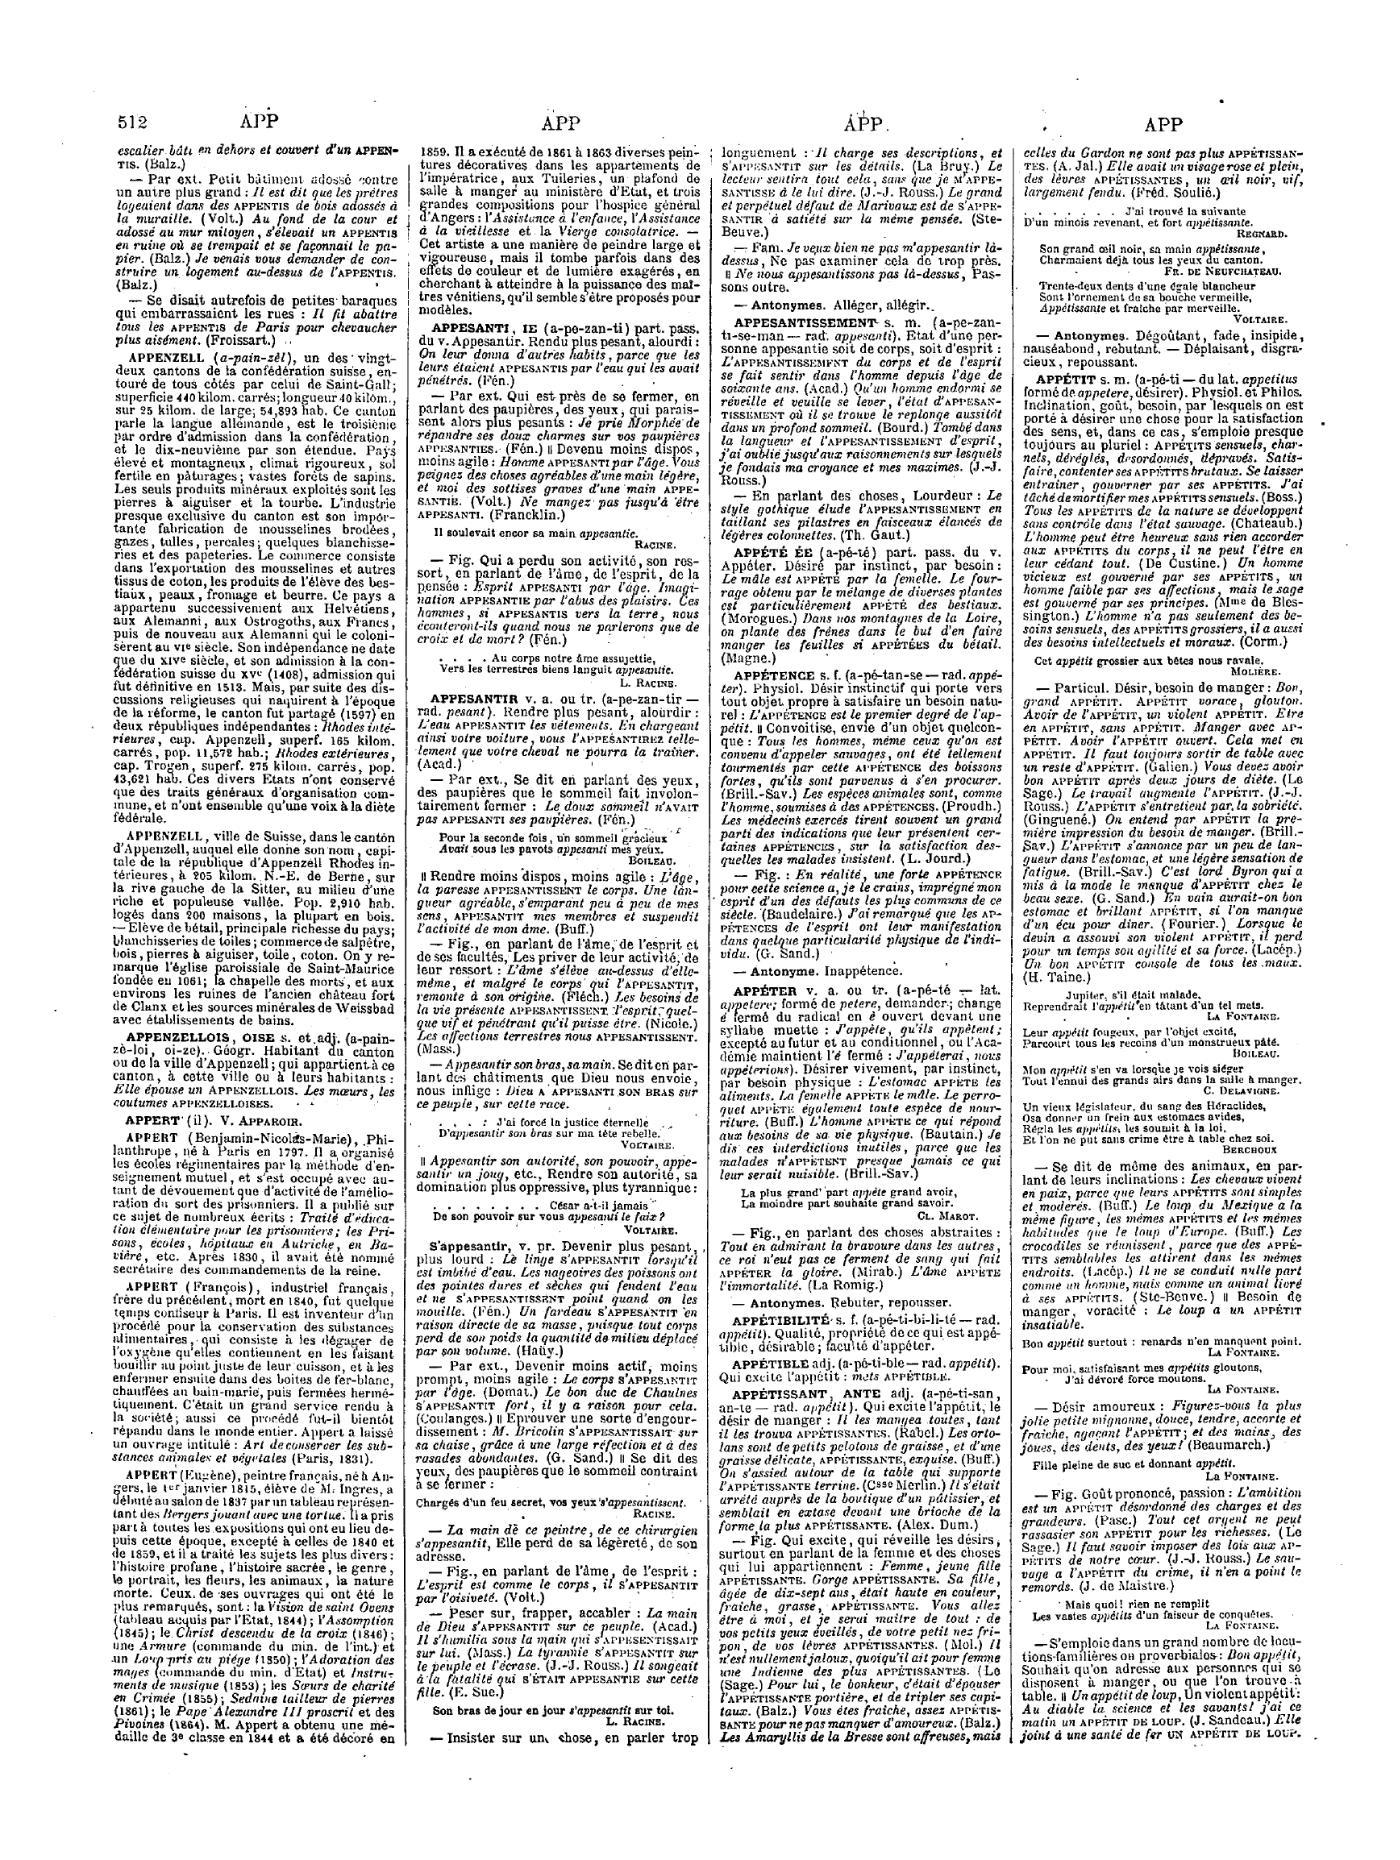 Salle De Bain Ambiance Hammam ~ Page Larousse Grand Dictionnaire Universel Du Xixe Si Cle Tome 1